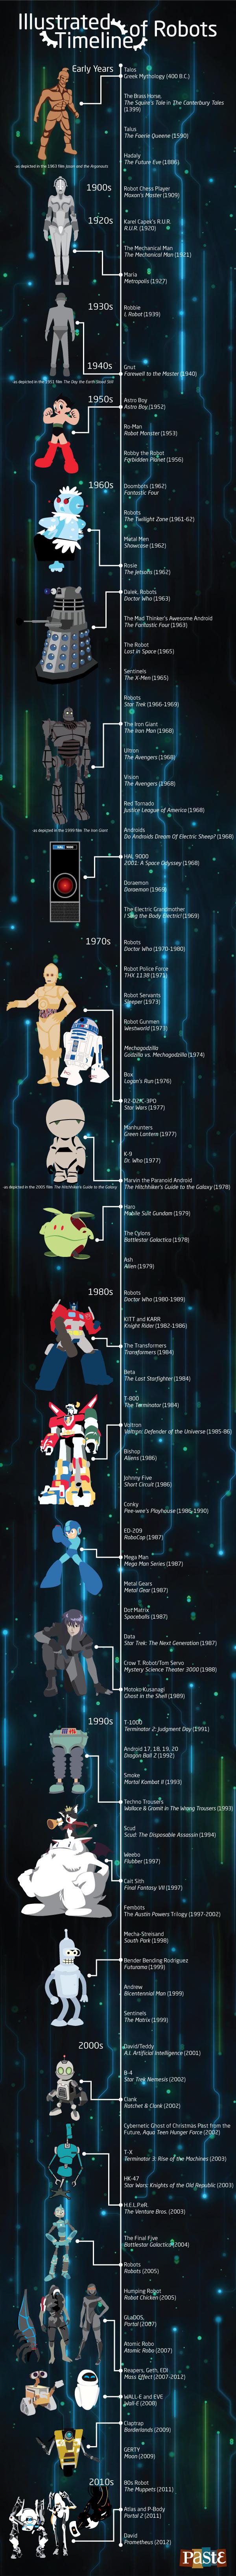 Robot_Timeline.jpg